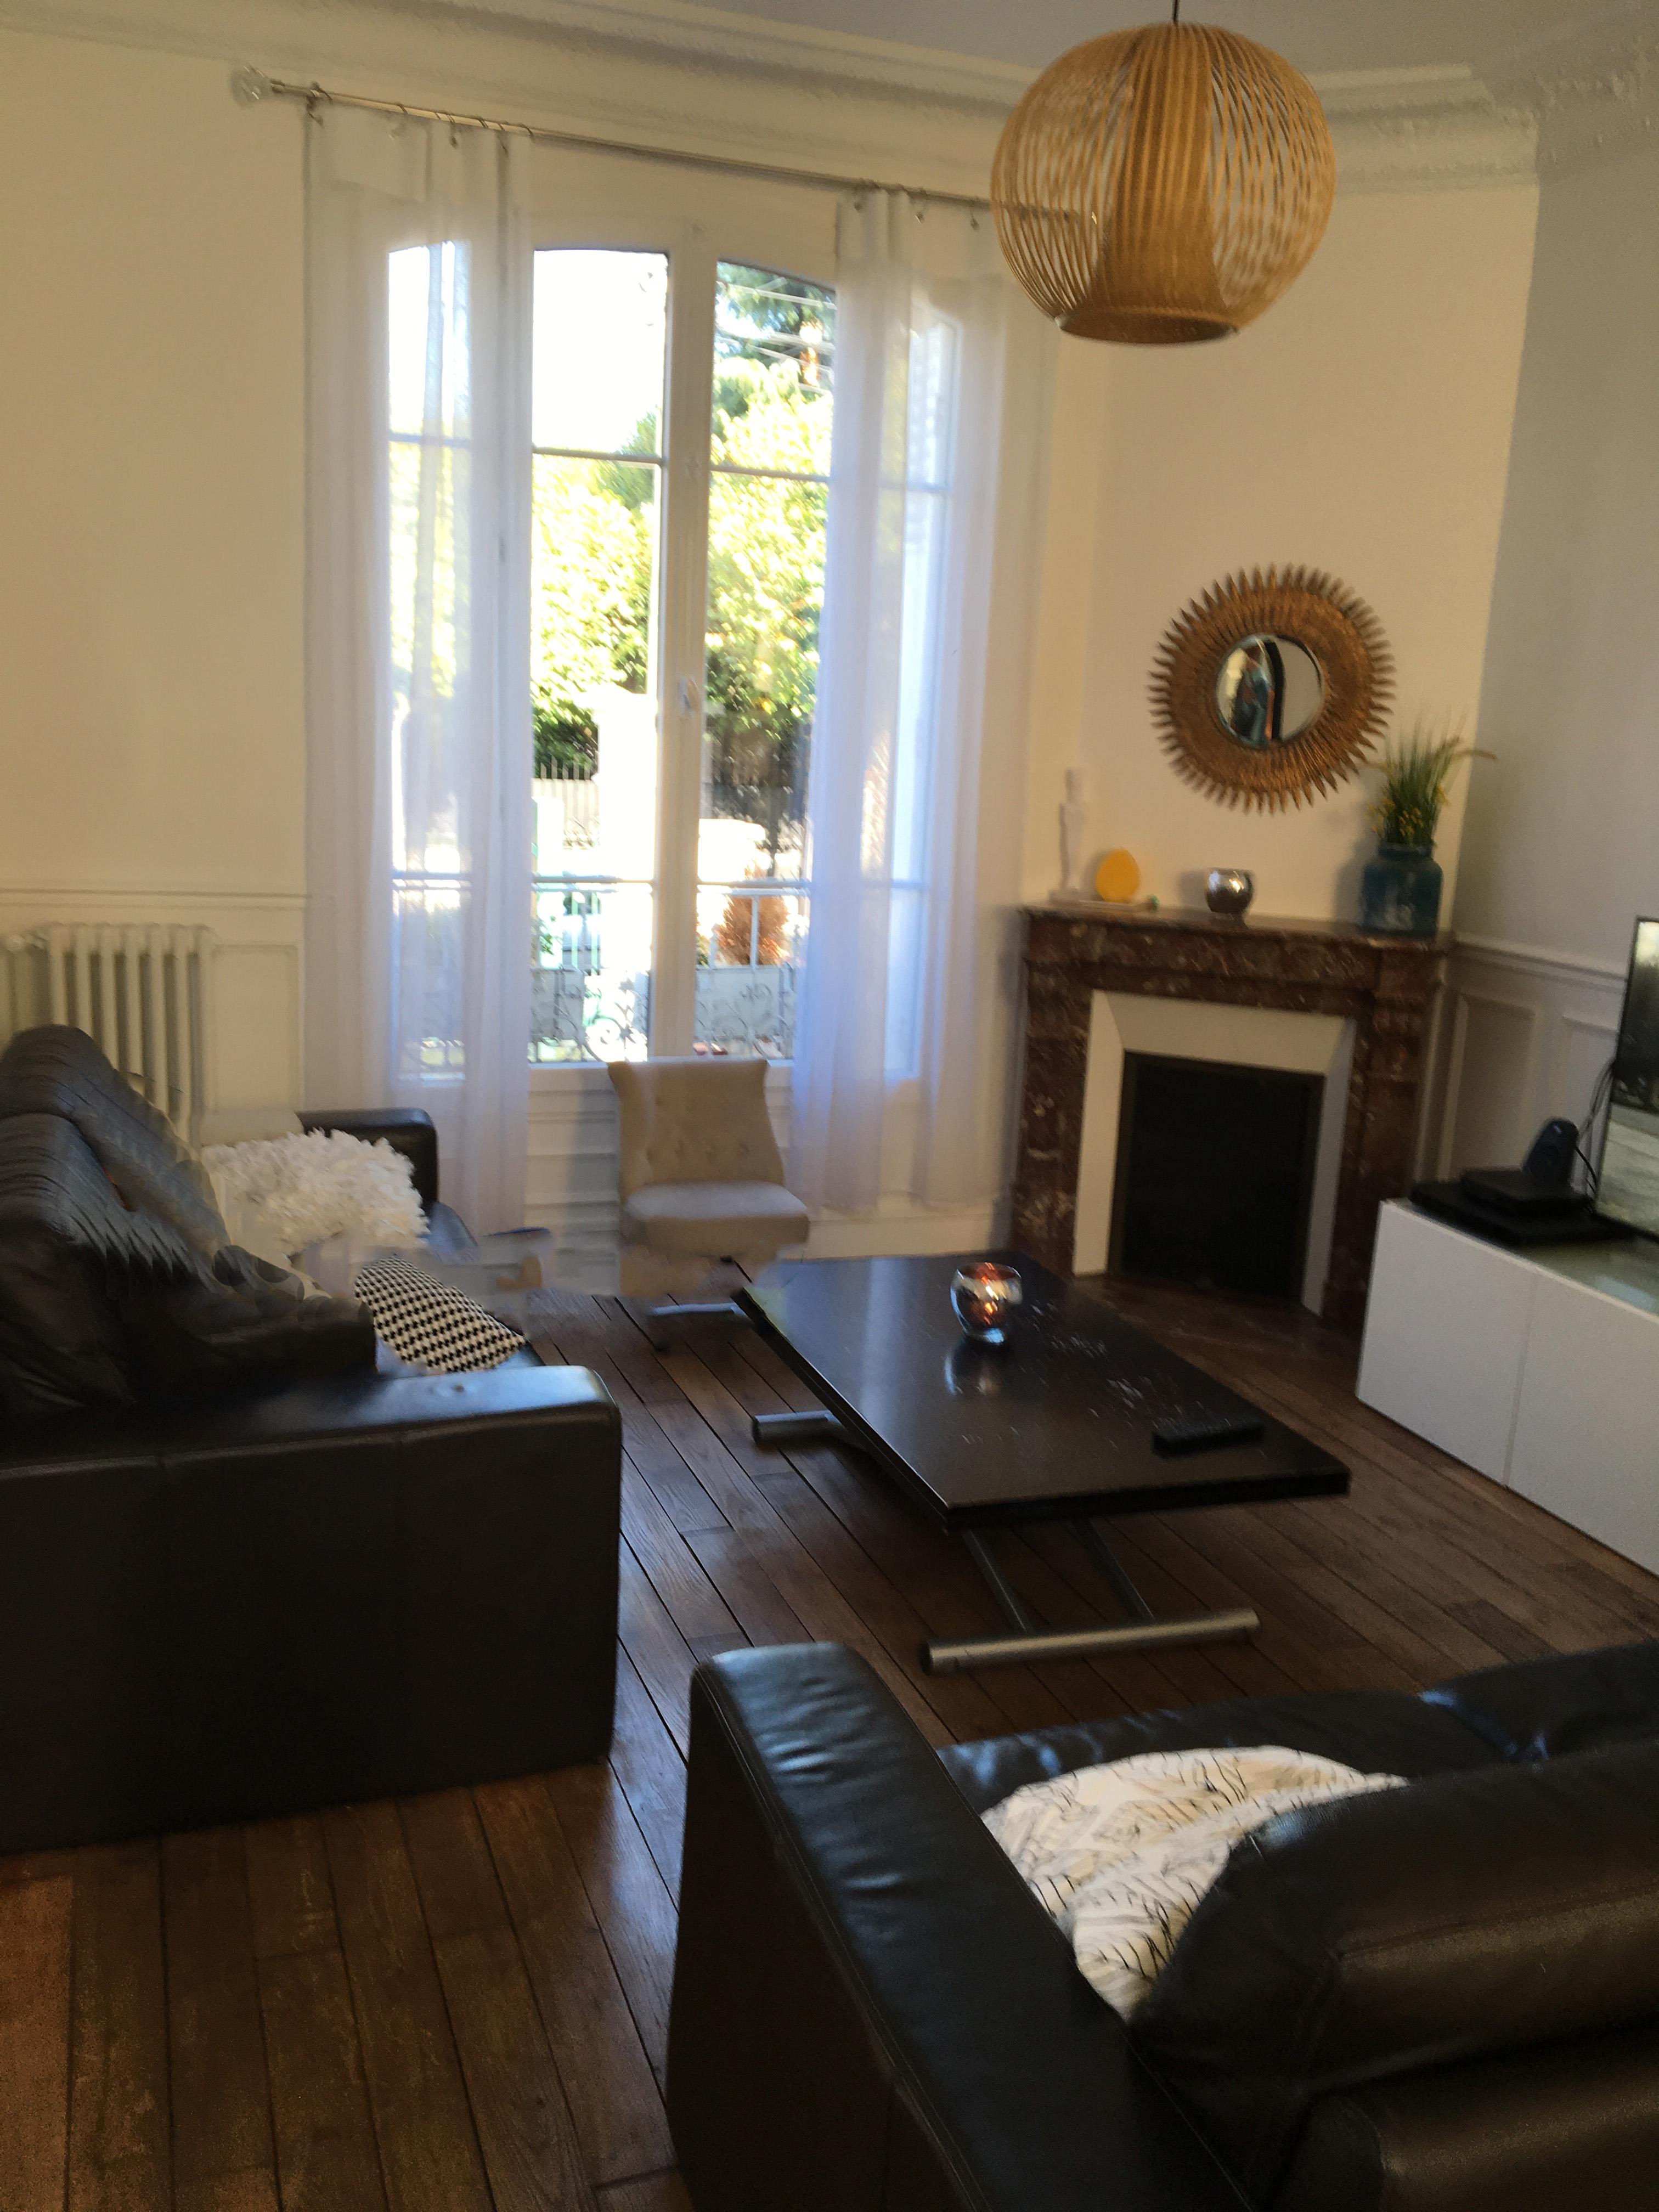 belle maison en meuli re r gion parisienne angel d co. Black Bedroom Furniture Sets. Home Design Ideas